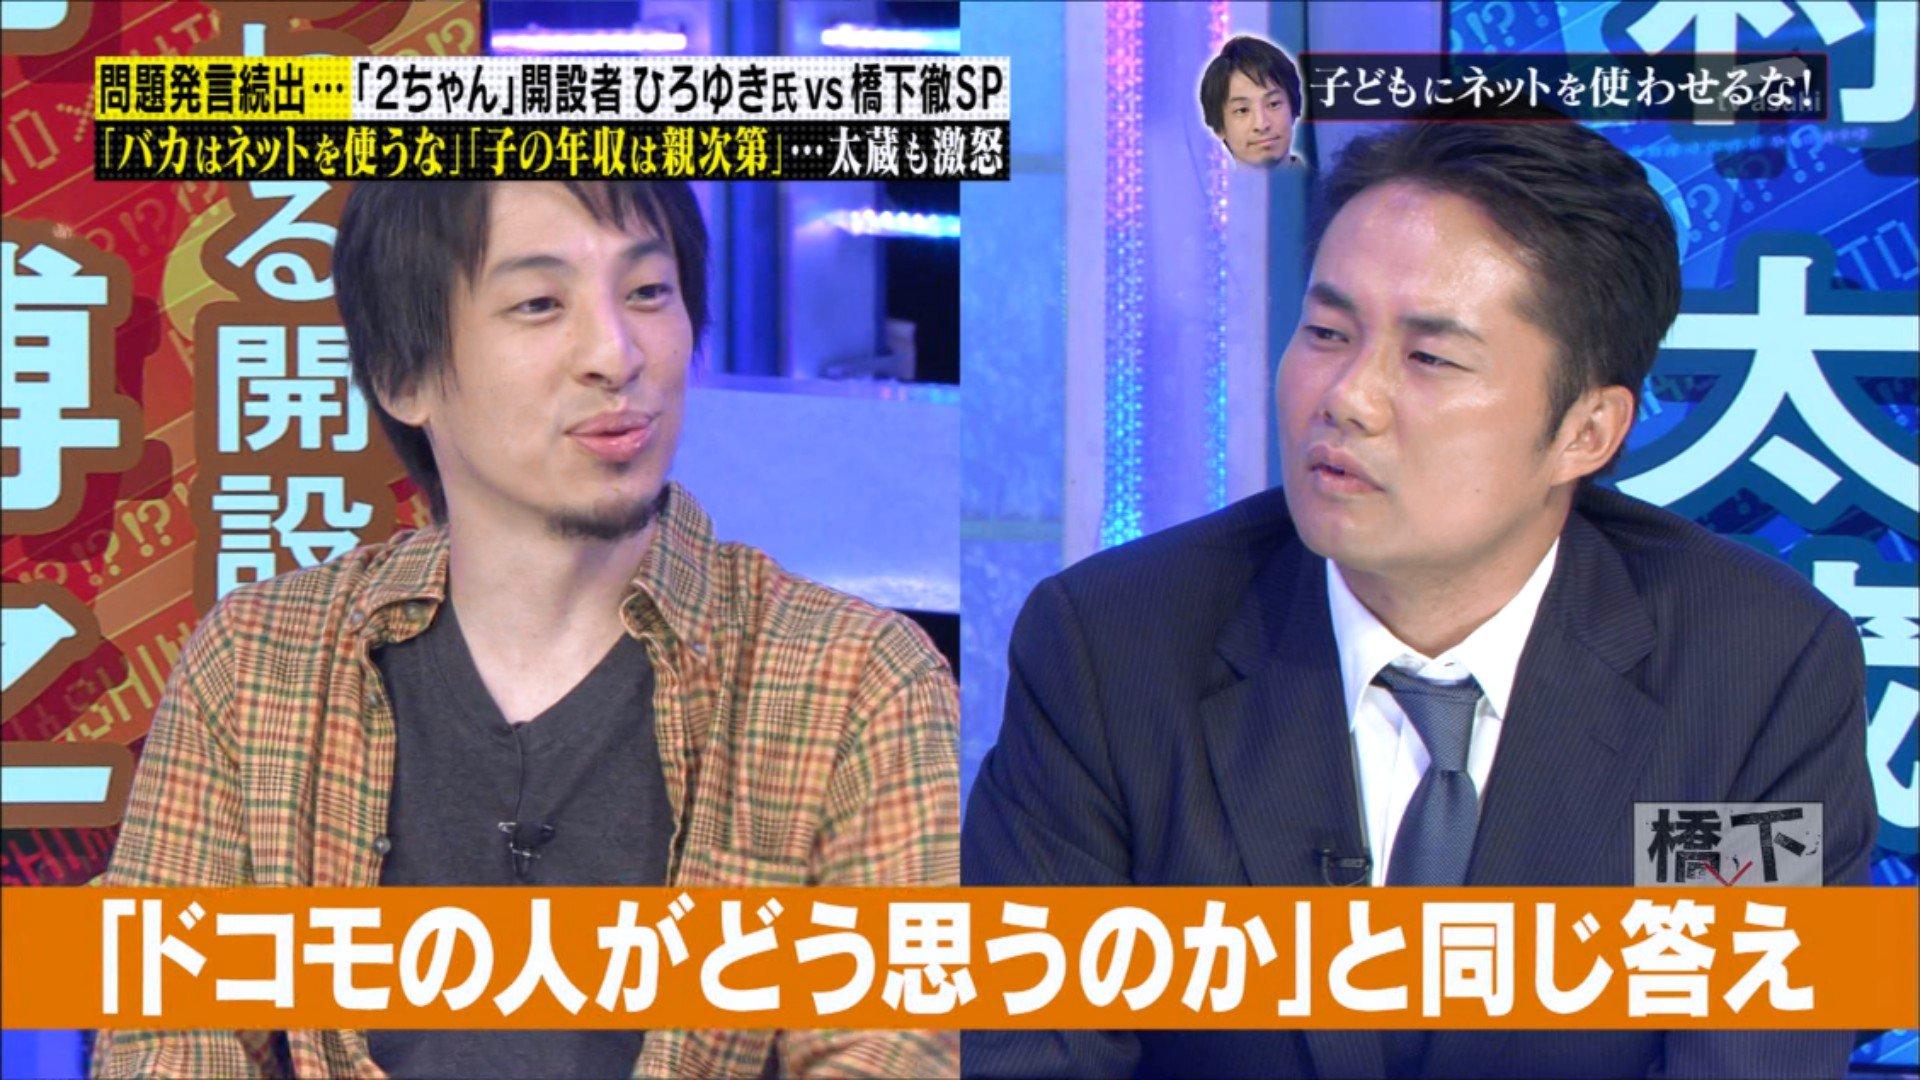 2ちゃんねるの解説者ひろゆきと杉村太蔵のやり取りがすごいwww